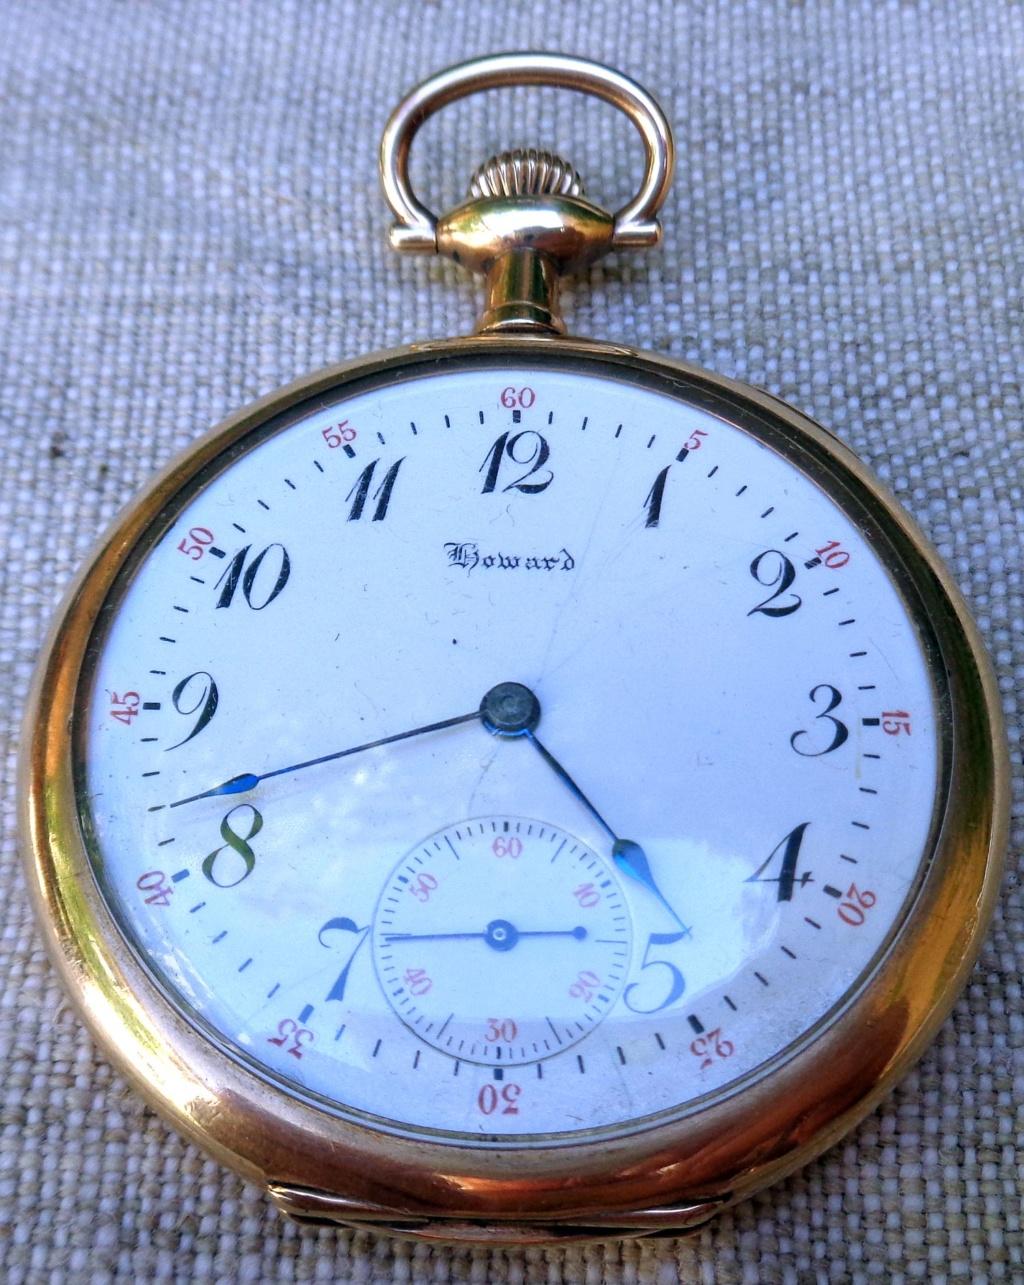 Comment dater une montre vintage américaine HOWARD  Dsc05018